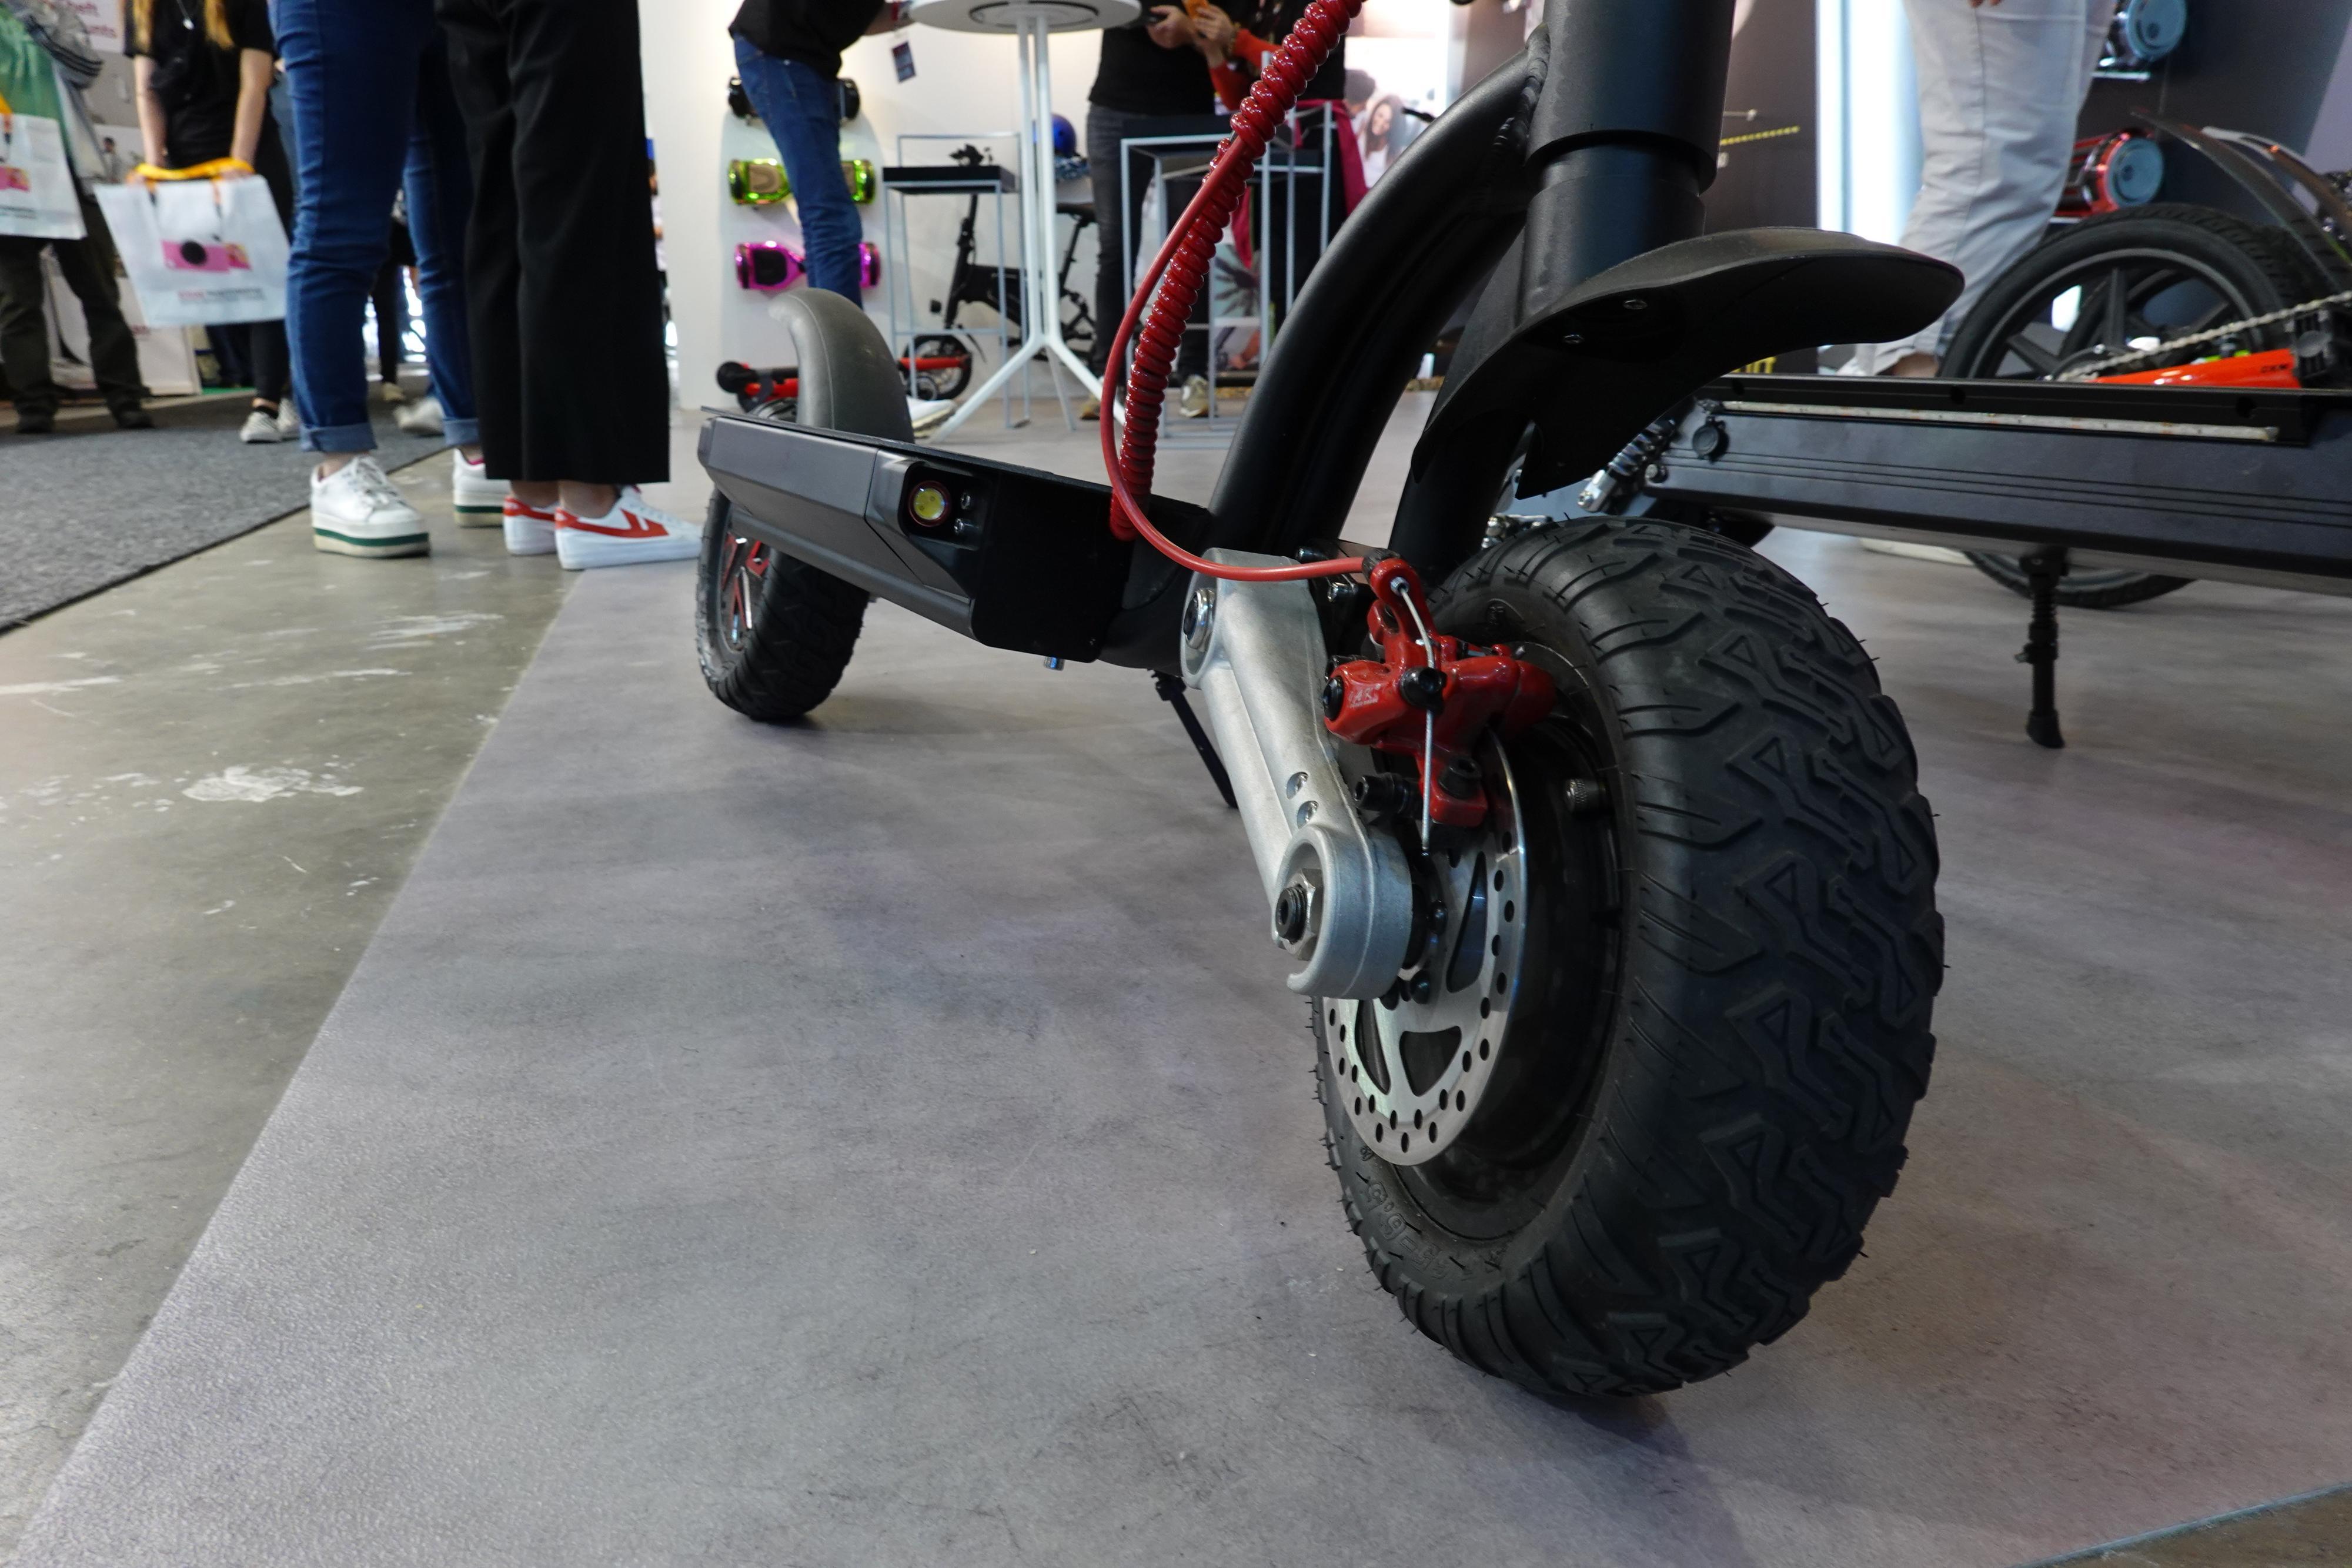 Klart det vil dukke opp «offroad»-elsparkesykler også. På årets IFA fant vi Yeep.me 100X med kraftige titommers hjul og 1200 watts motor.